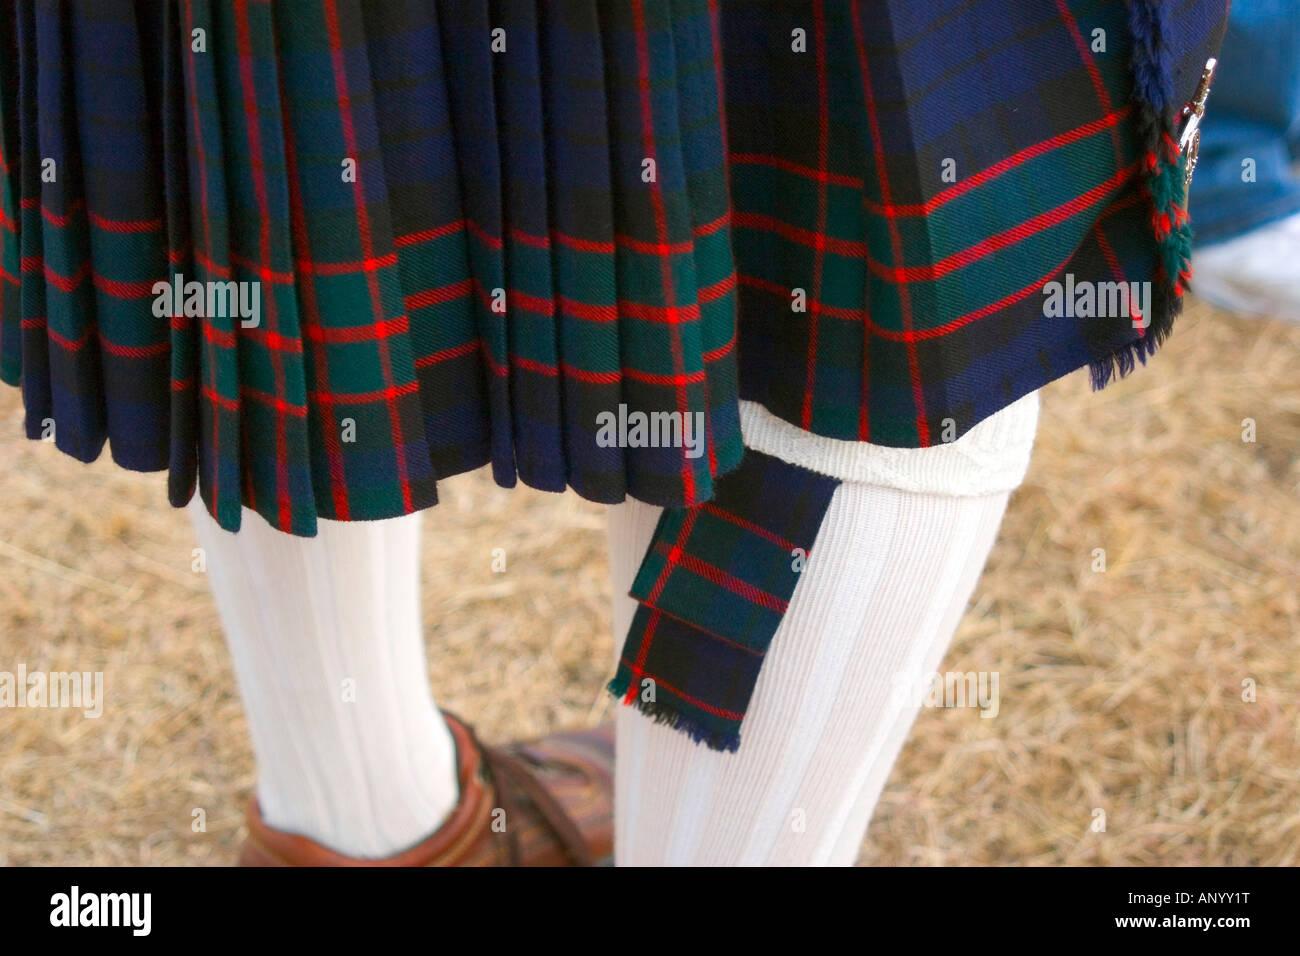 448b1a0ba Falda de tartán escocés con falda tubo parpadea y liga Foto & Imagen ...